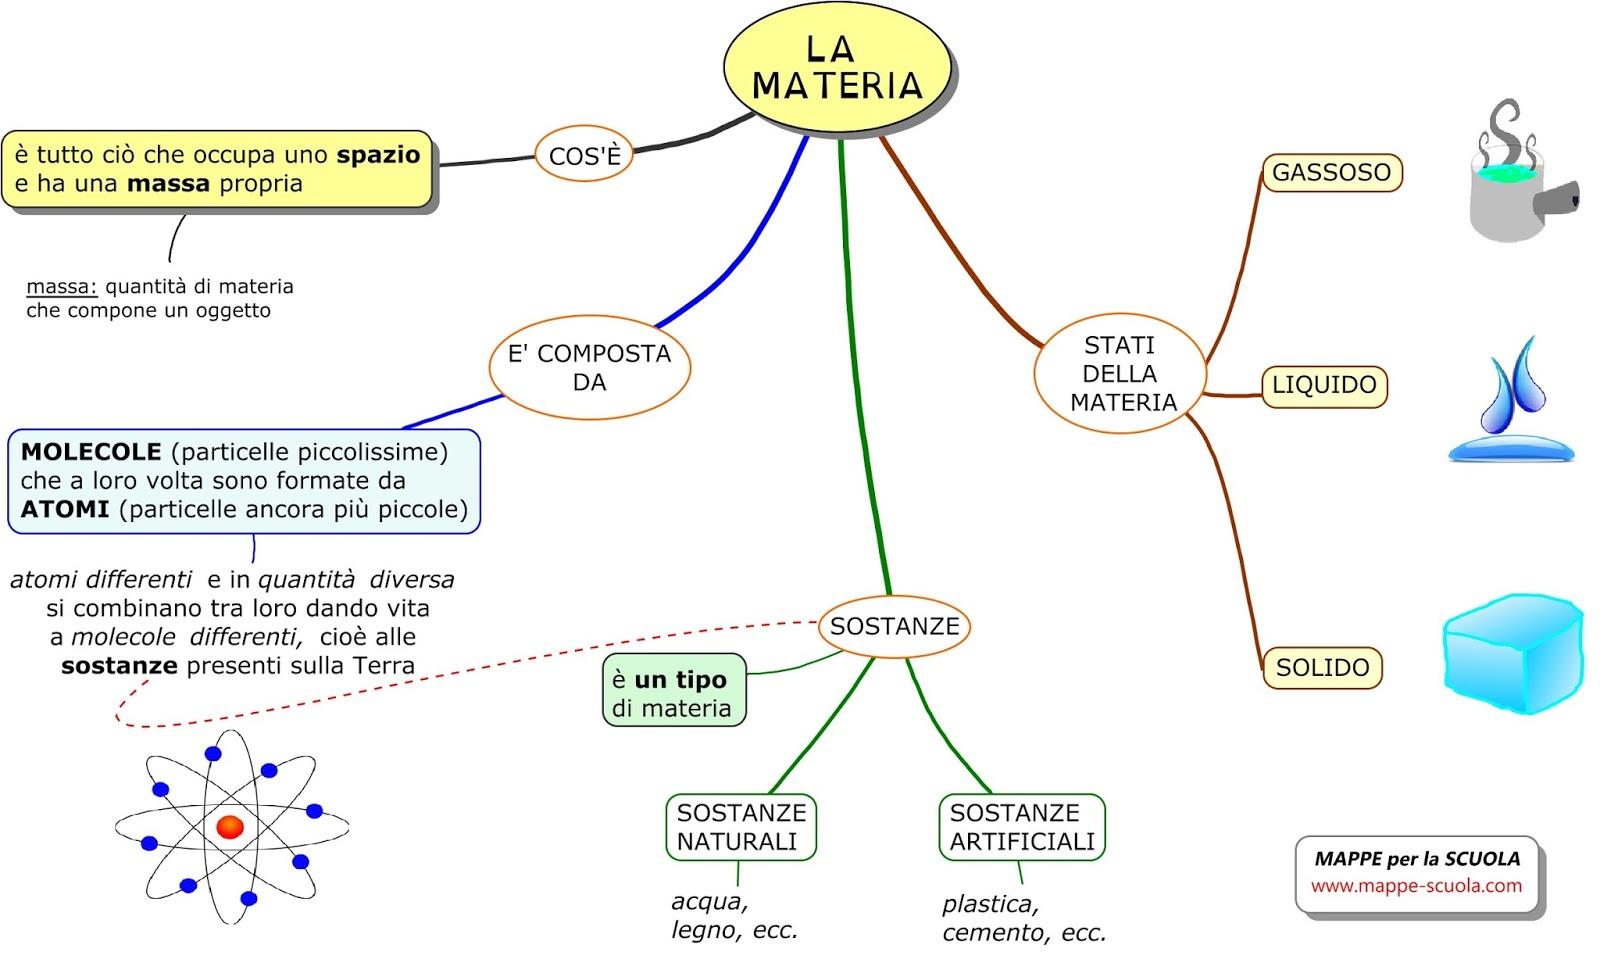 Populaire MAPPE per la SCUOLA: LA MATERIA (scienze) DD33